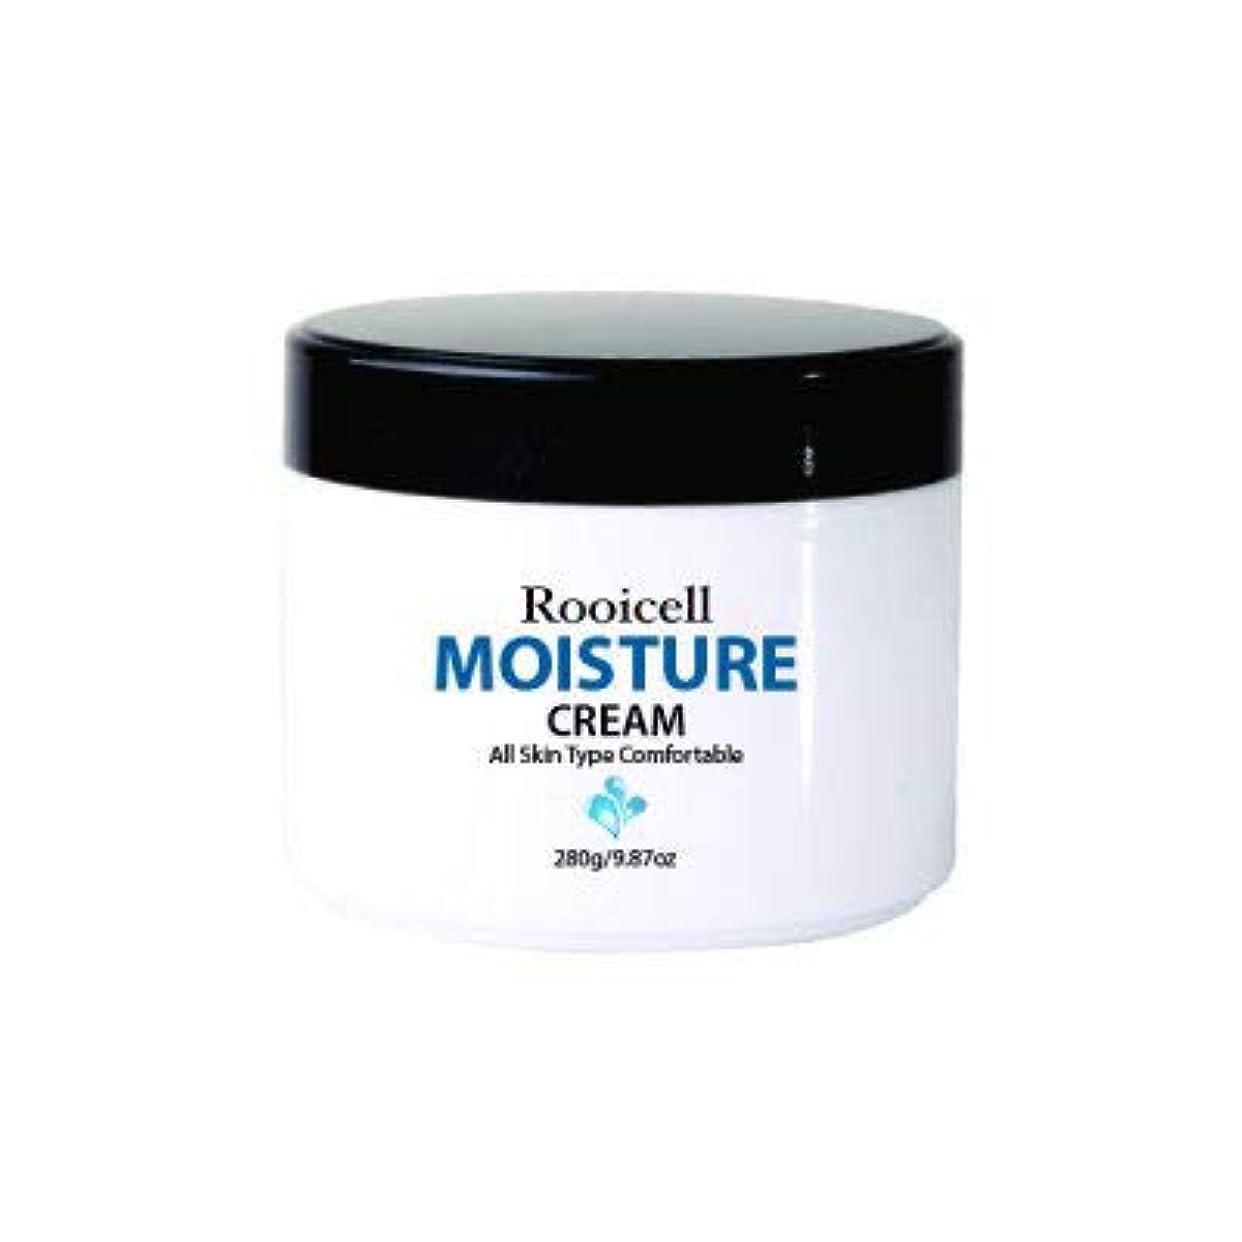 石膏女性ボーナス[ Rooicell ] ルイセル モイスチャークリーム 280g Korea cosmetic (moisture cream 280g)